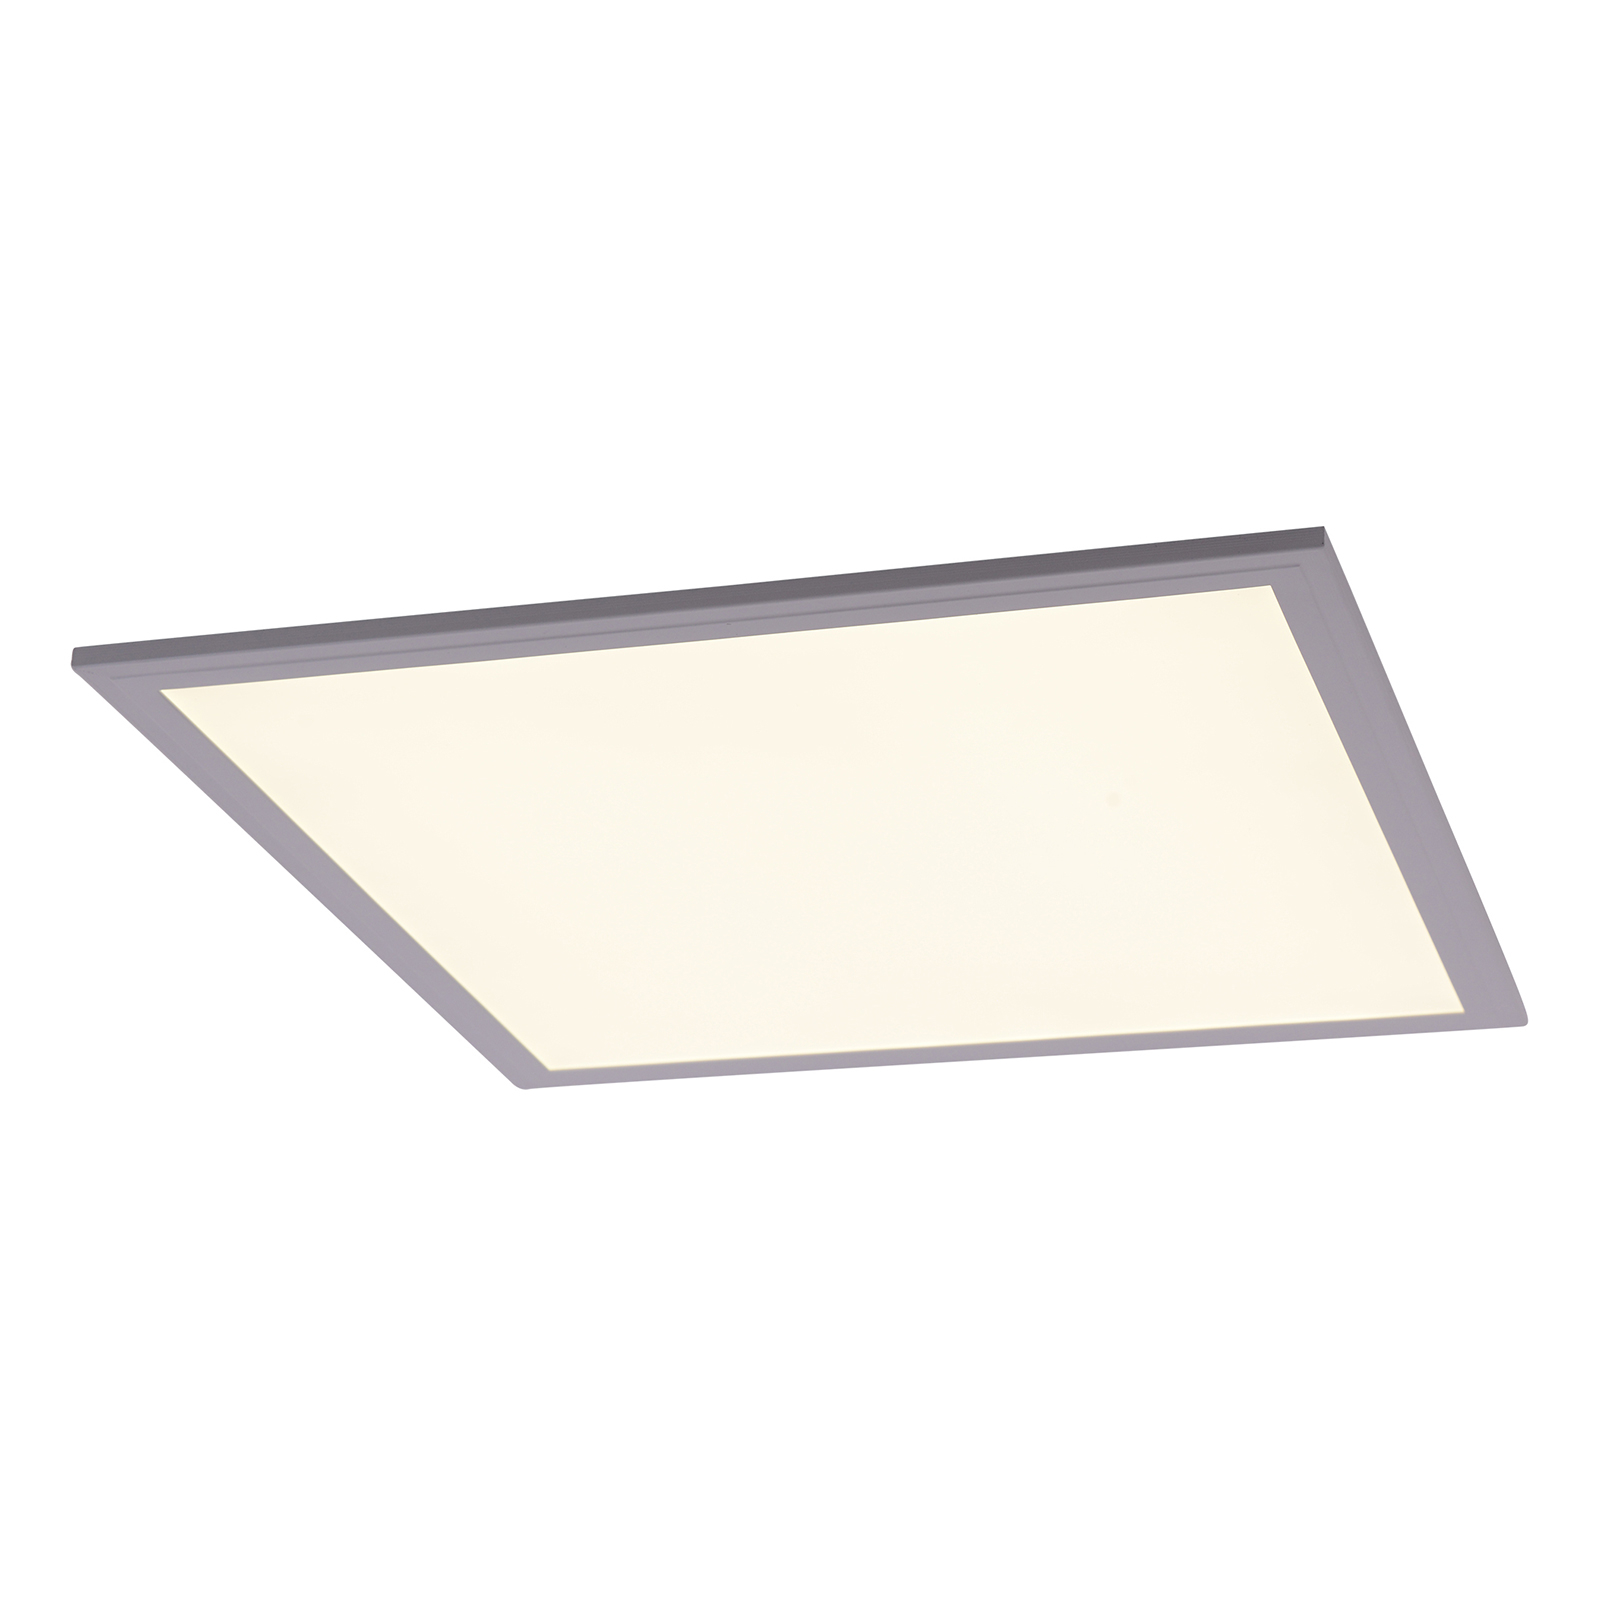 LED-panel 1297903 for på- eller innmont, 45x45 cm